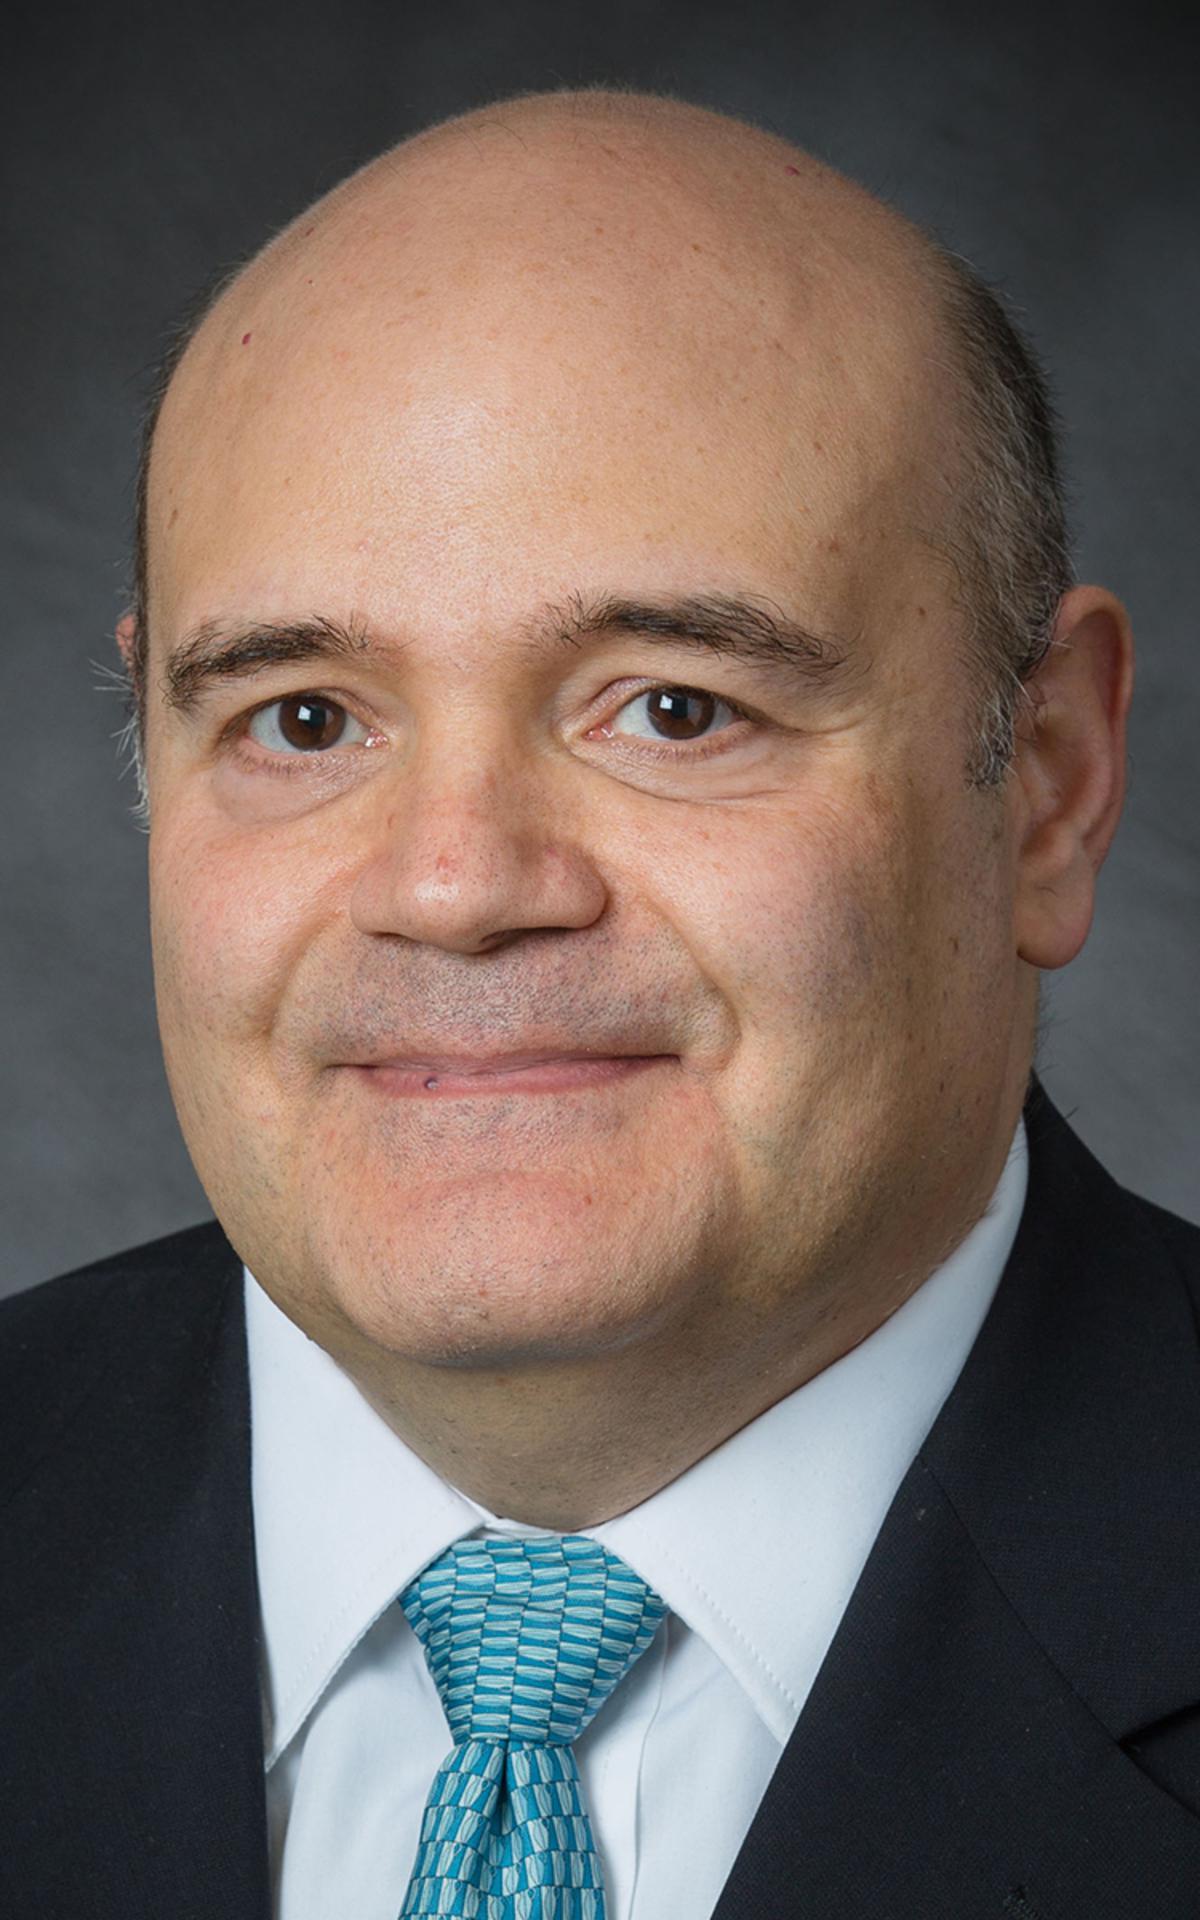 Eldste Francisco J. Ruiz de Mendoza, Områdesytti